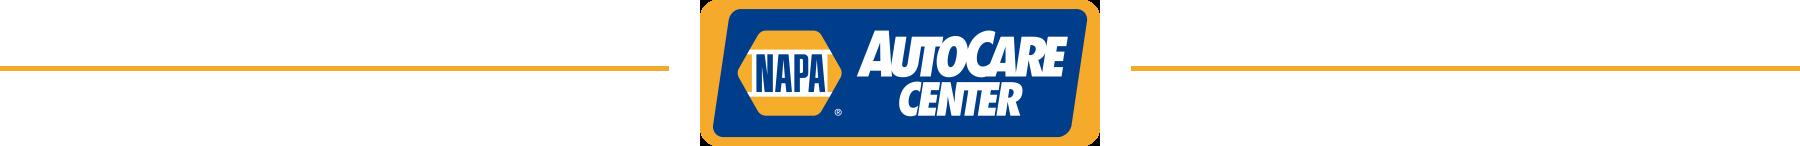 Connecticut Napa Auto Care Center